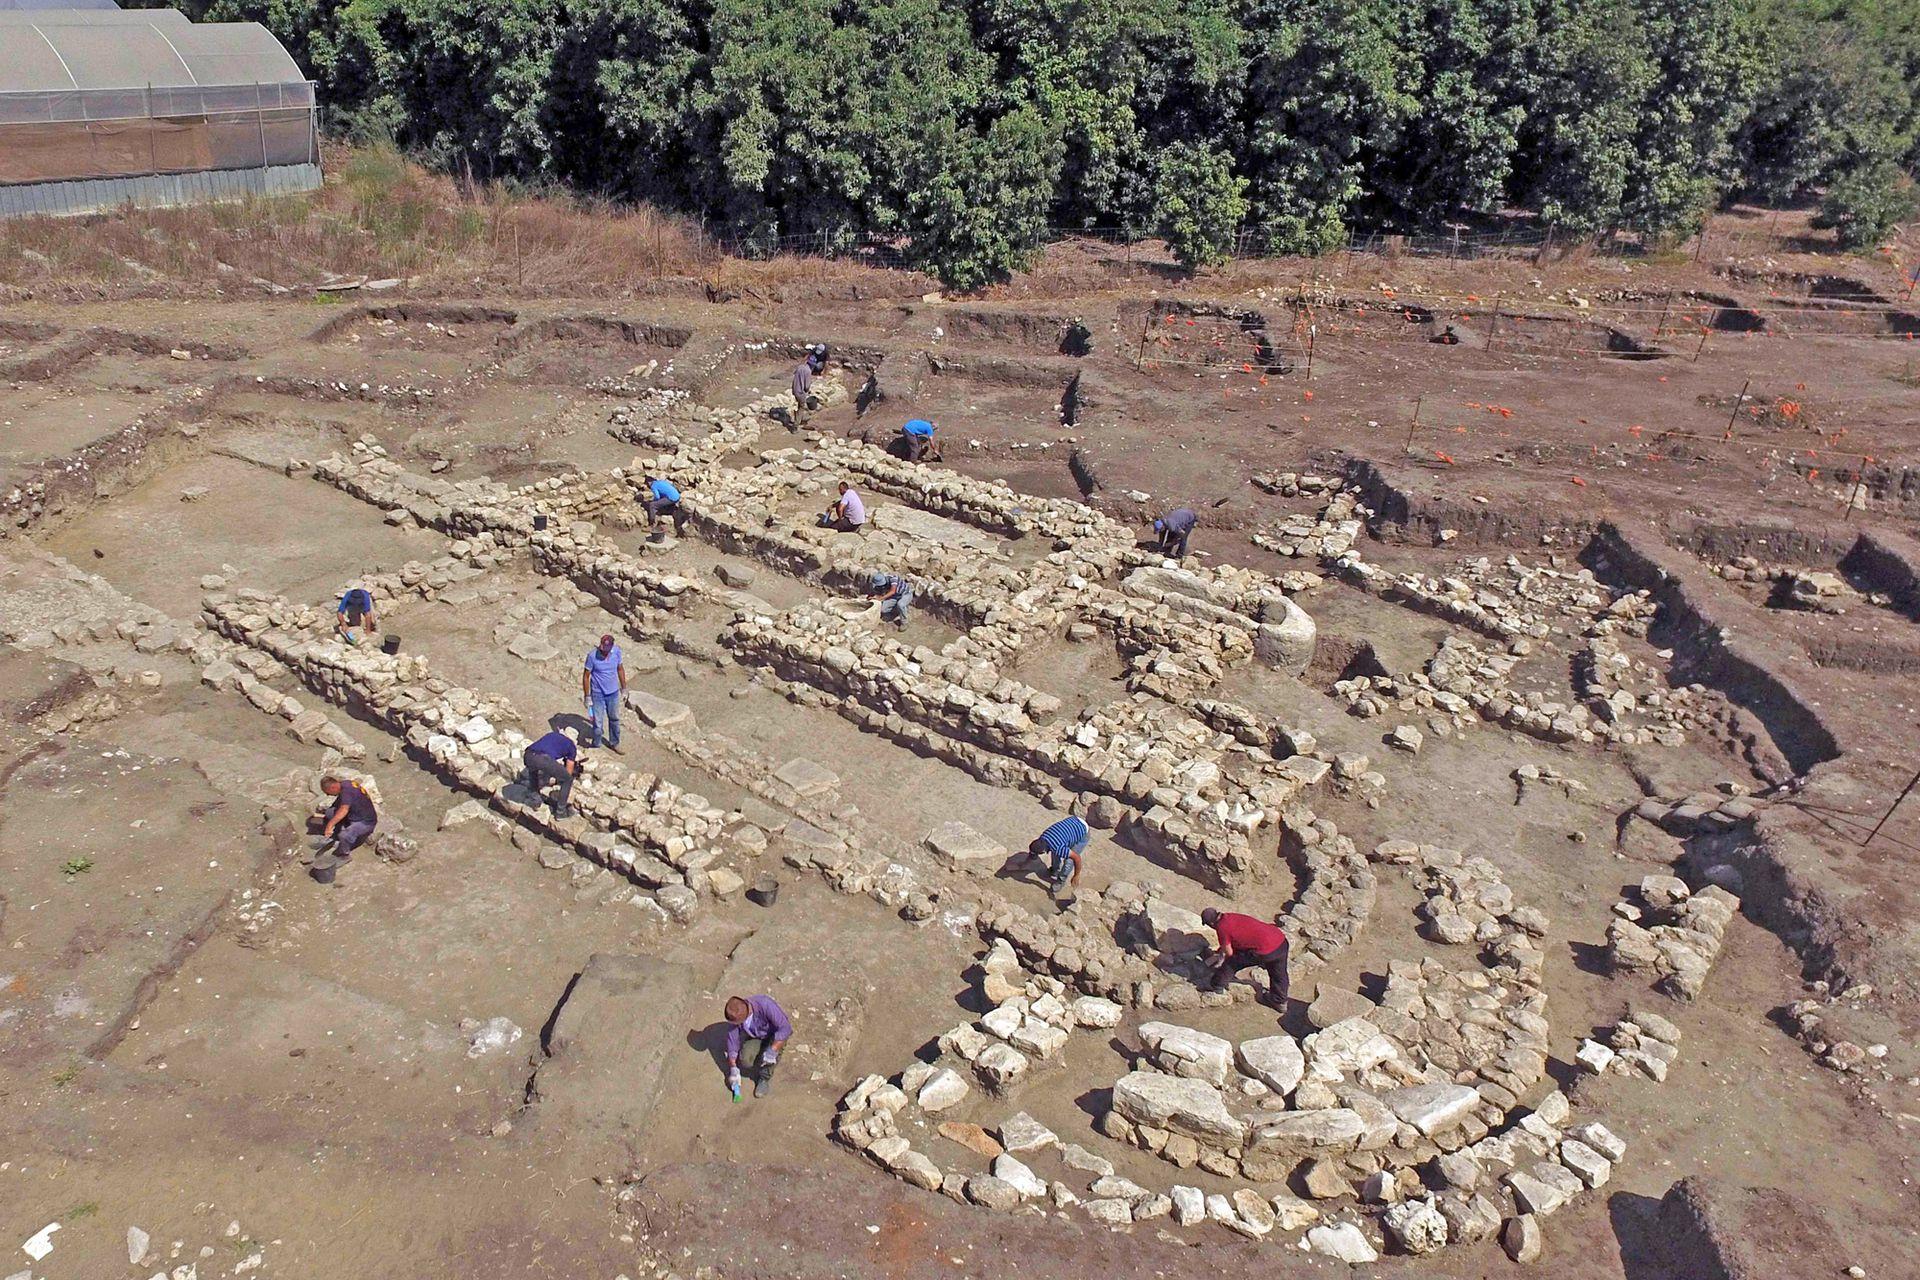 Vista de una amplia zona de la excavación